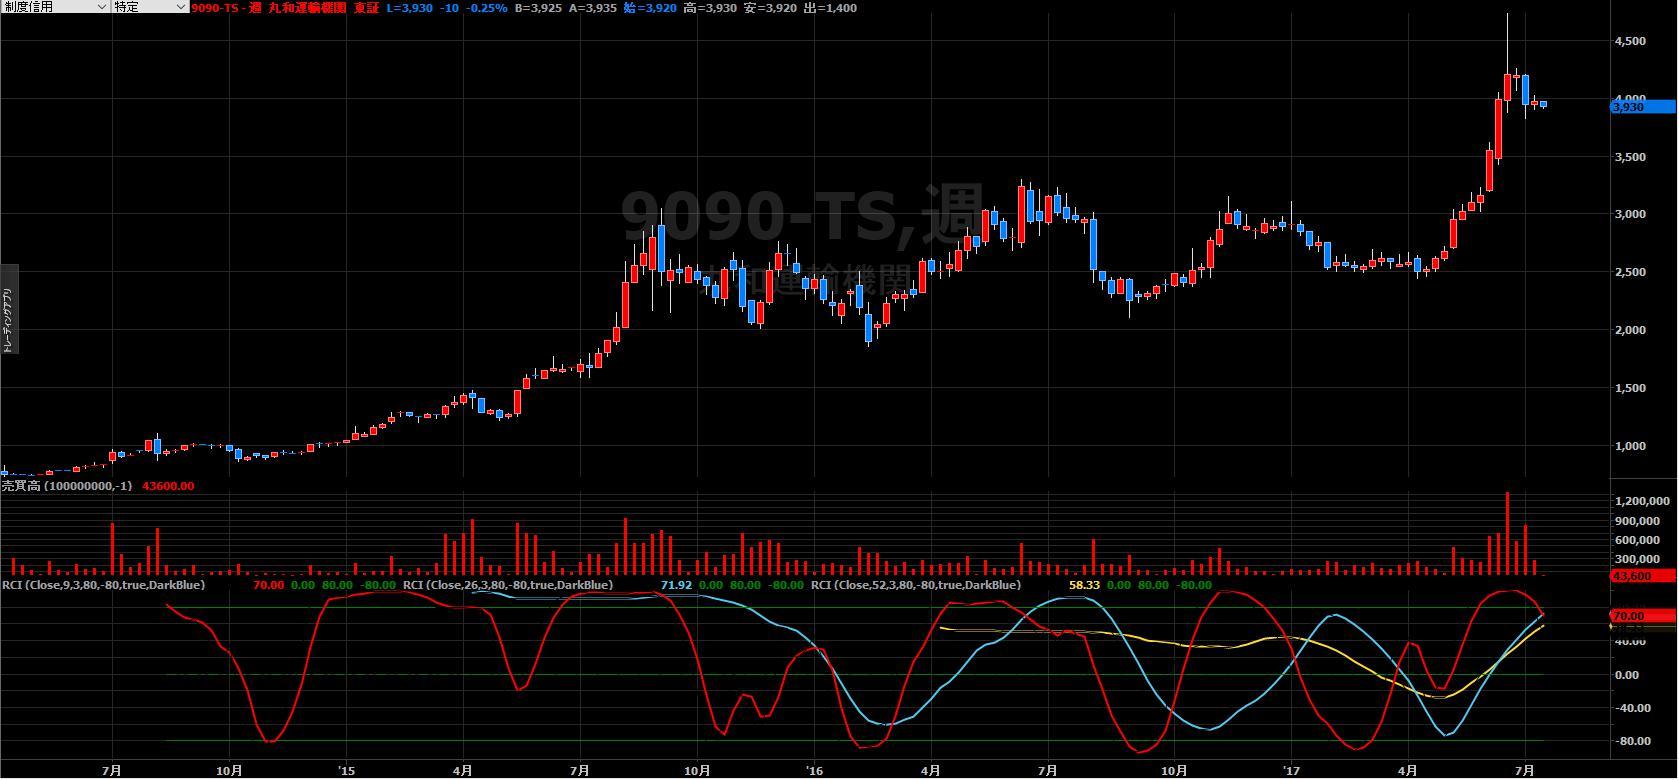 株価 機関 丸和 運輸